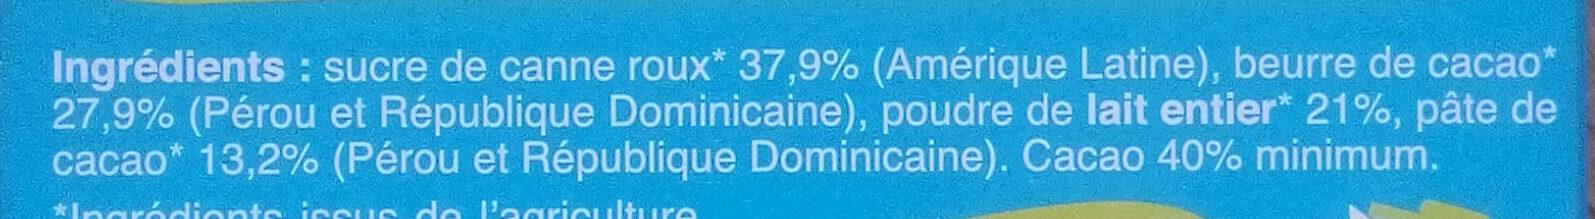 Chocolat au lait 40% cacao - Ingrédients - fr